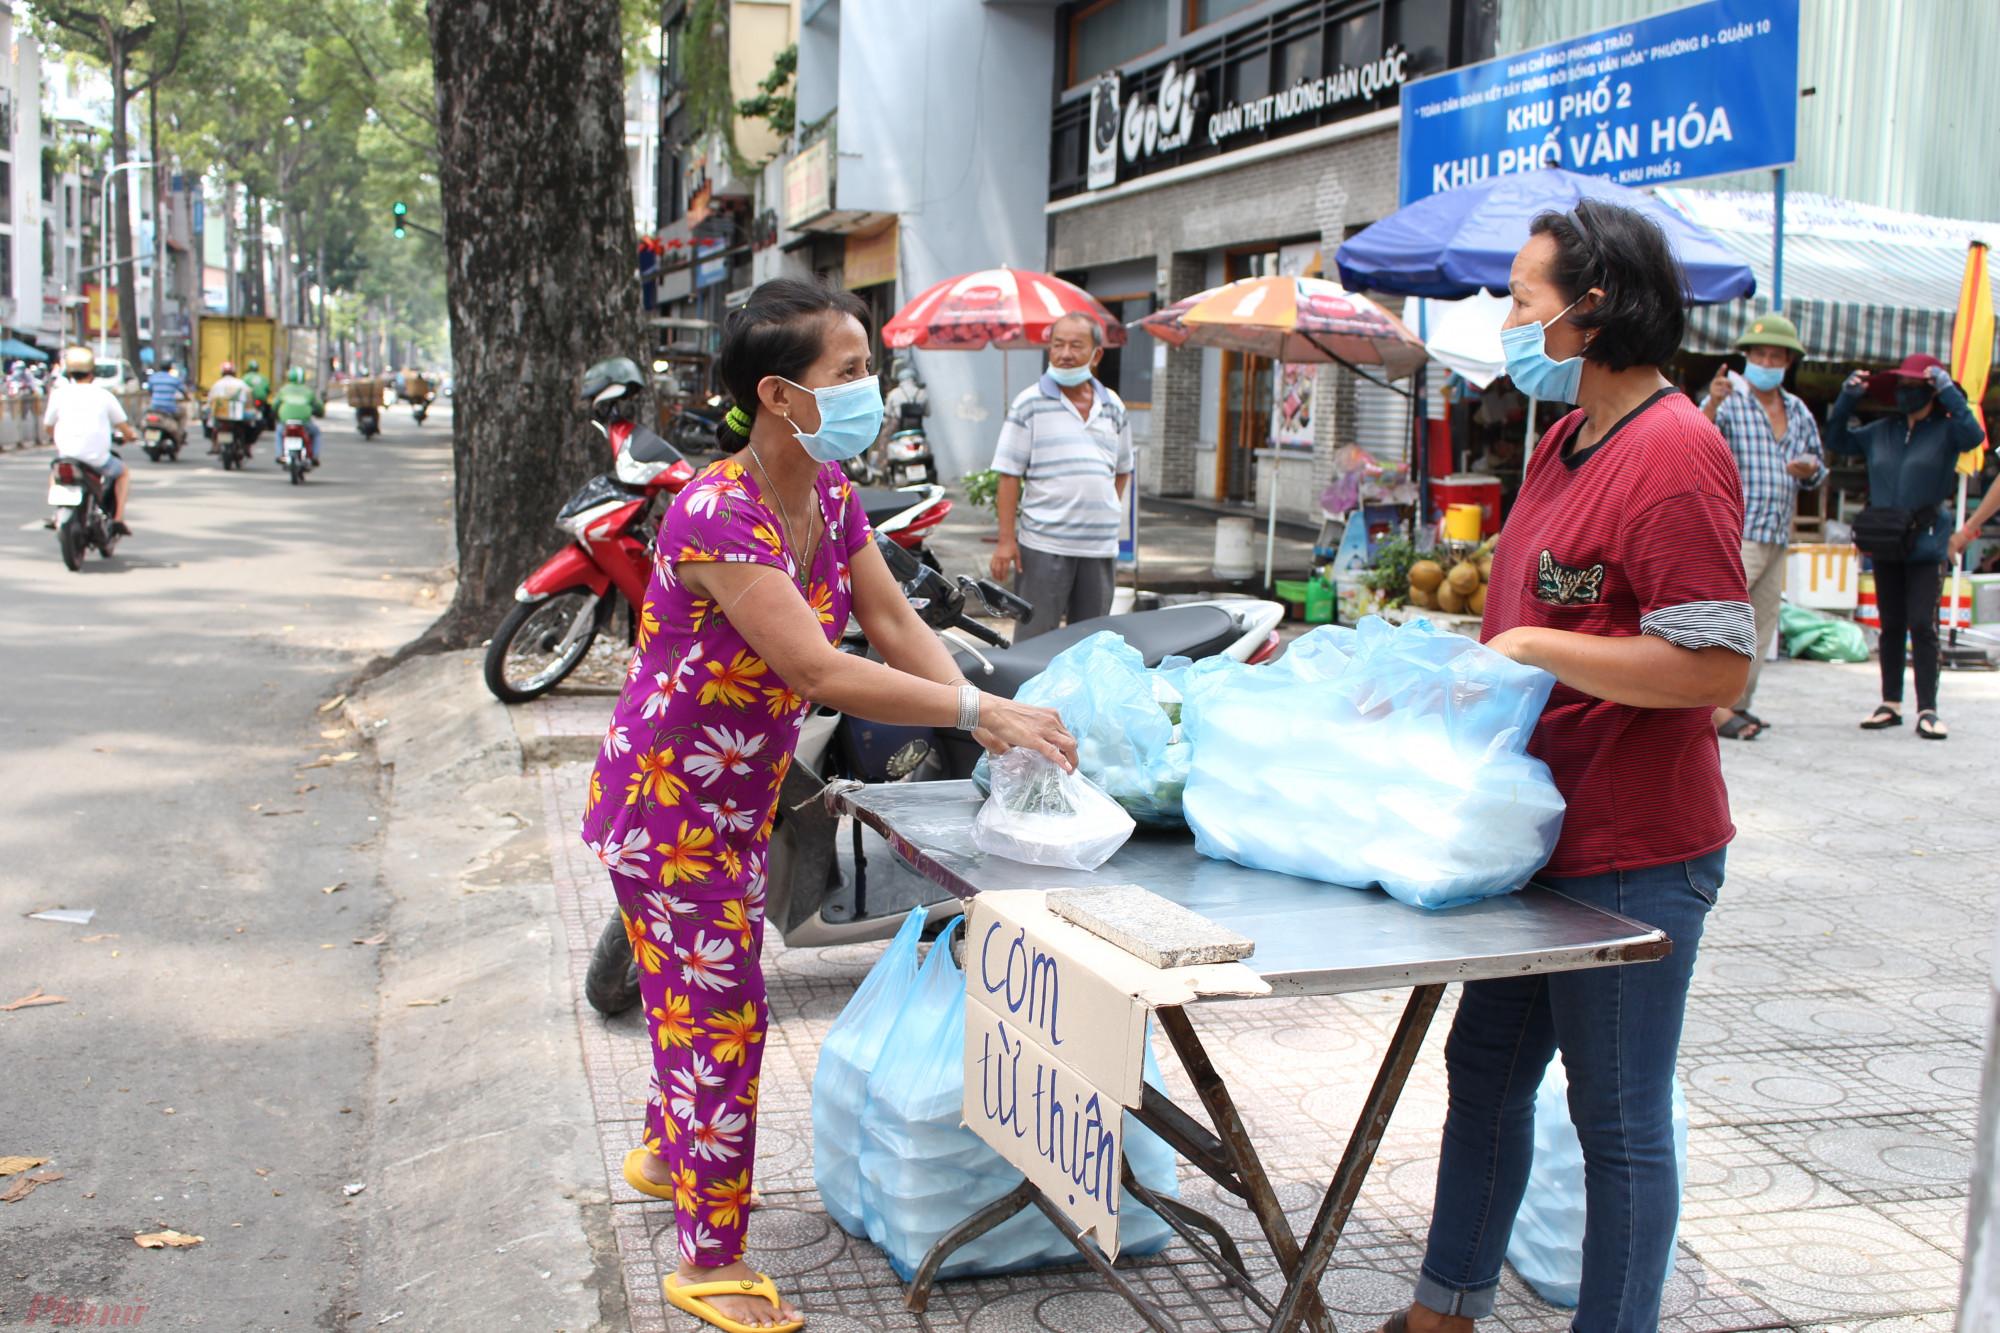 Cách địa điểm 96 Nguyễn Chí Thanh không xa, tại số 523 Nguyễn Tri Phương (quận 10, TP.HCM), cô Nguyễn Thị Hòa cùng con cháu cũng góp tiền nấu cơm chay tặng người nghèo.